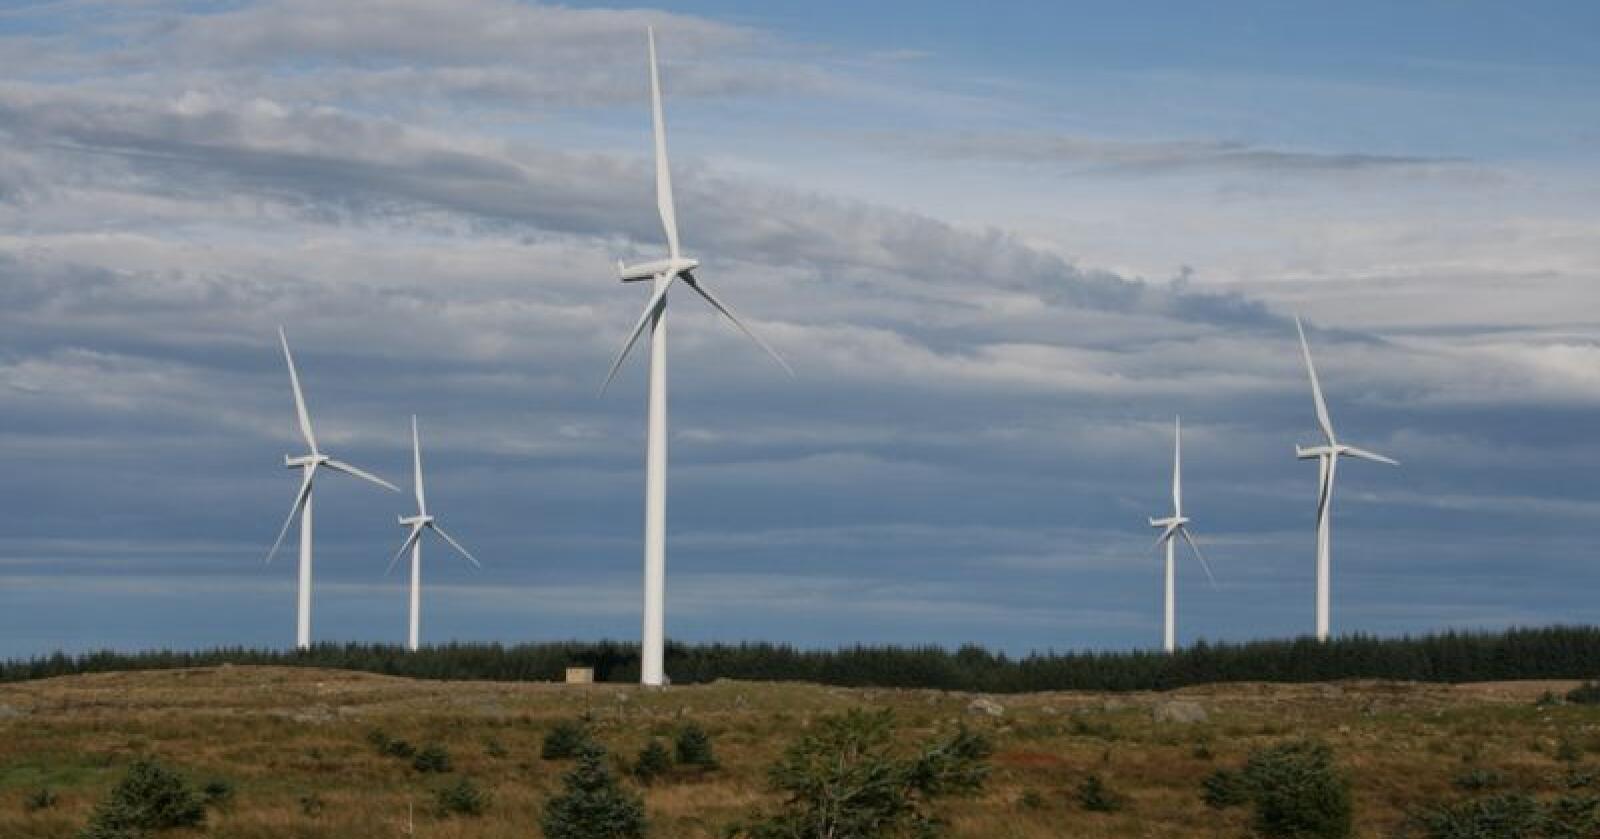 Vindmøller på Høg-Jæren i Rogaland, som er ein av dei største vindkraftparkane i landet. Foto: Bjarne Bekkeheien Aase